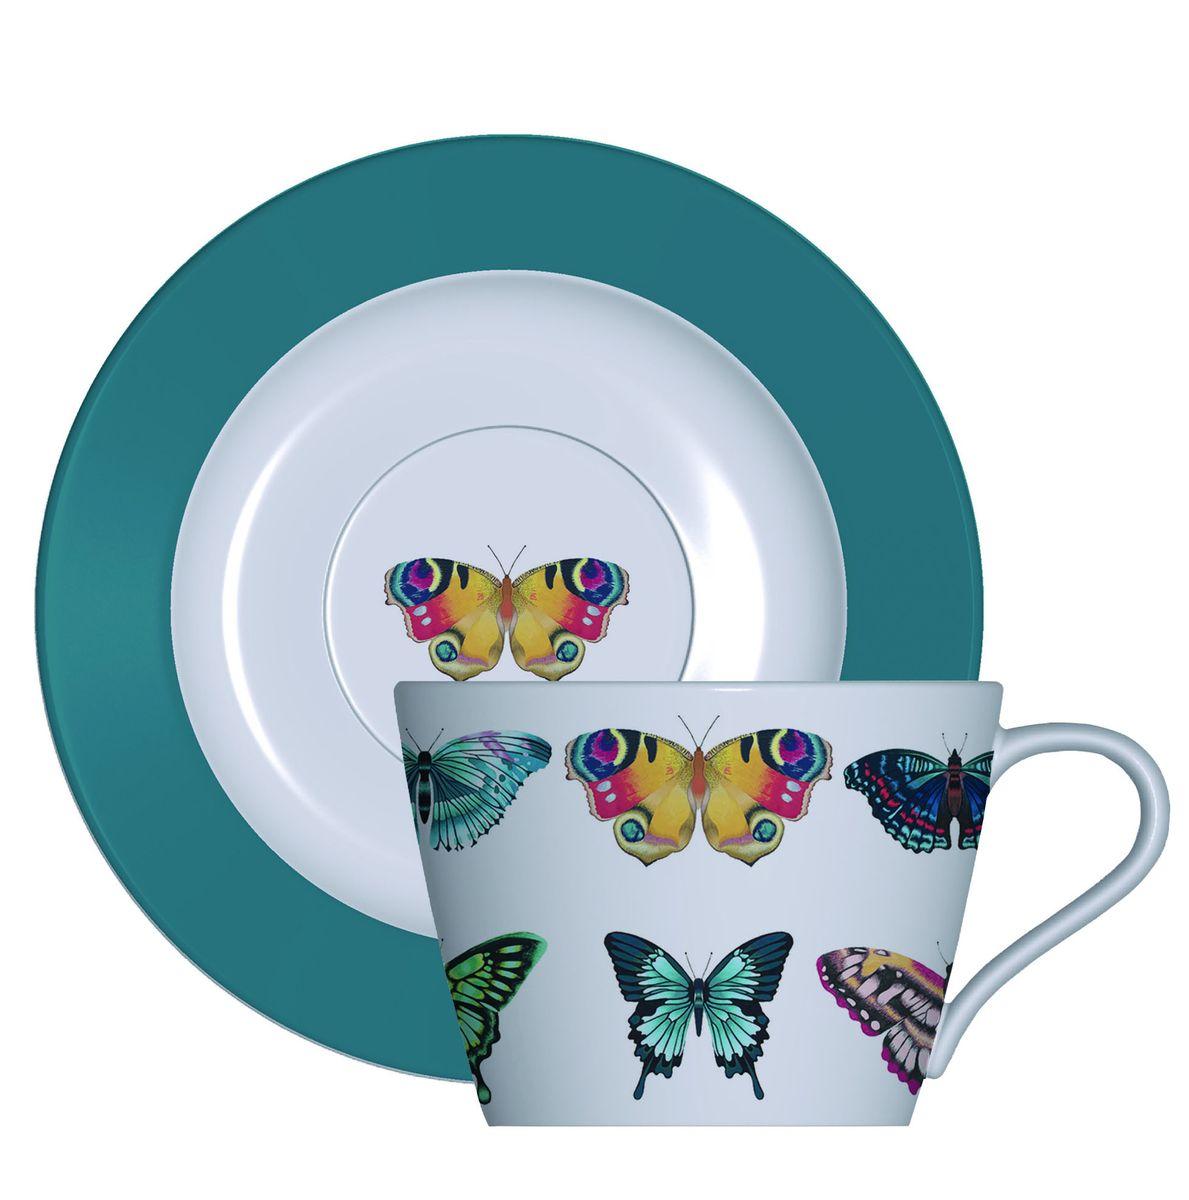 Набор кофейный Churchill Бабочки, 4 предметаHARL00351Набор кофейный Churchill Бабочки состоит из 2 кофейных чашек и 2 блюдец. Изделия выполнены из высококачественного костяного фарфора и оформлены красочным изображением бабочек.Можно мыть в посудомоечной машине. Можно использовать в микроволновой печи.